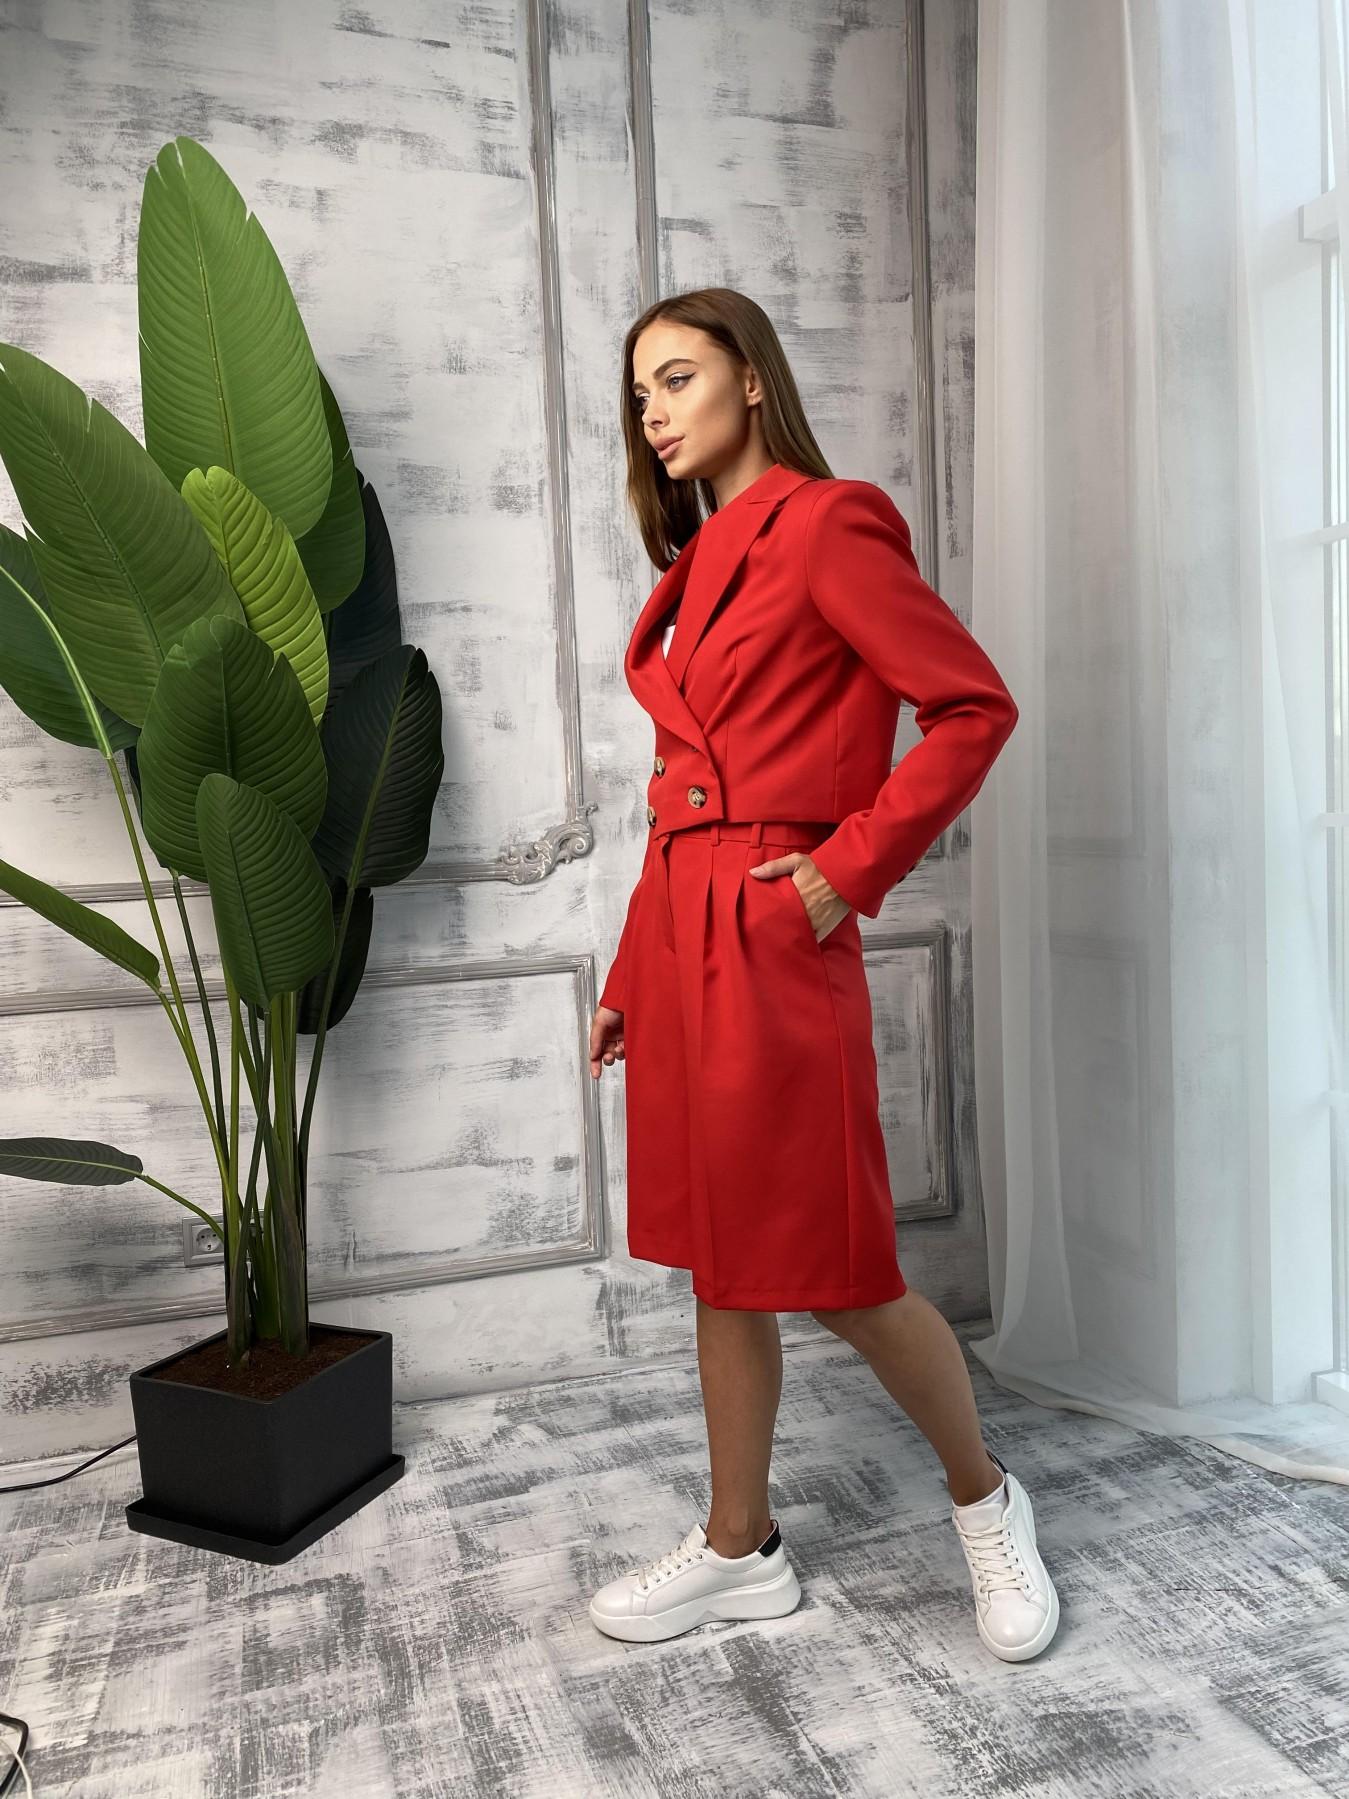 Оксфорд костюм из костюмной ткани стрейч 11548 АРТ. 48400 Цвет: Красный - фото 4, интернет магазин tm-modus.ru